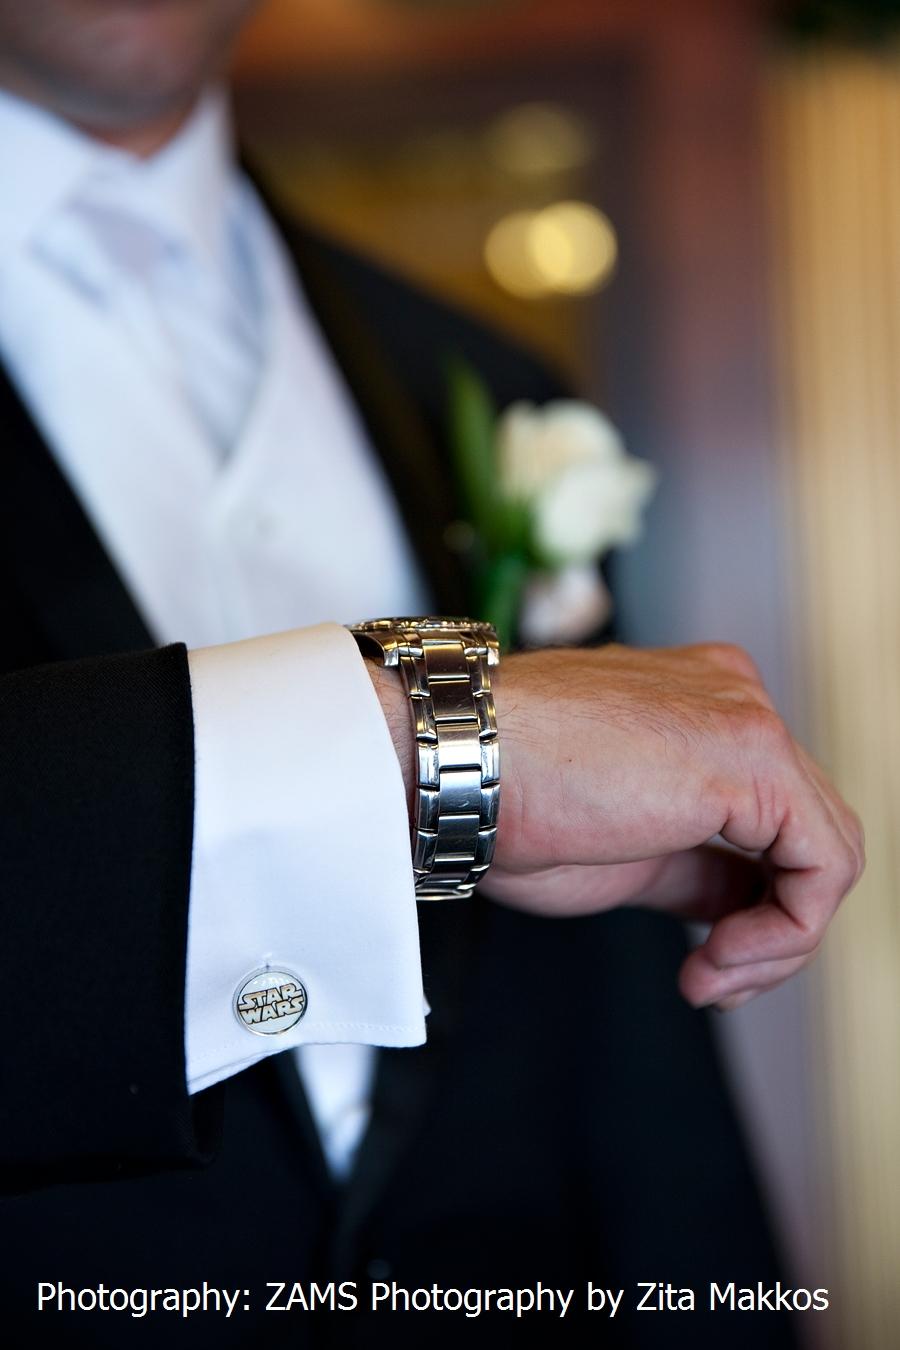 shawshank_redemption_movie_cuff_links_men_weddings_groomsmen_grooms_dads_gifts_cufflinks_2.jpg